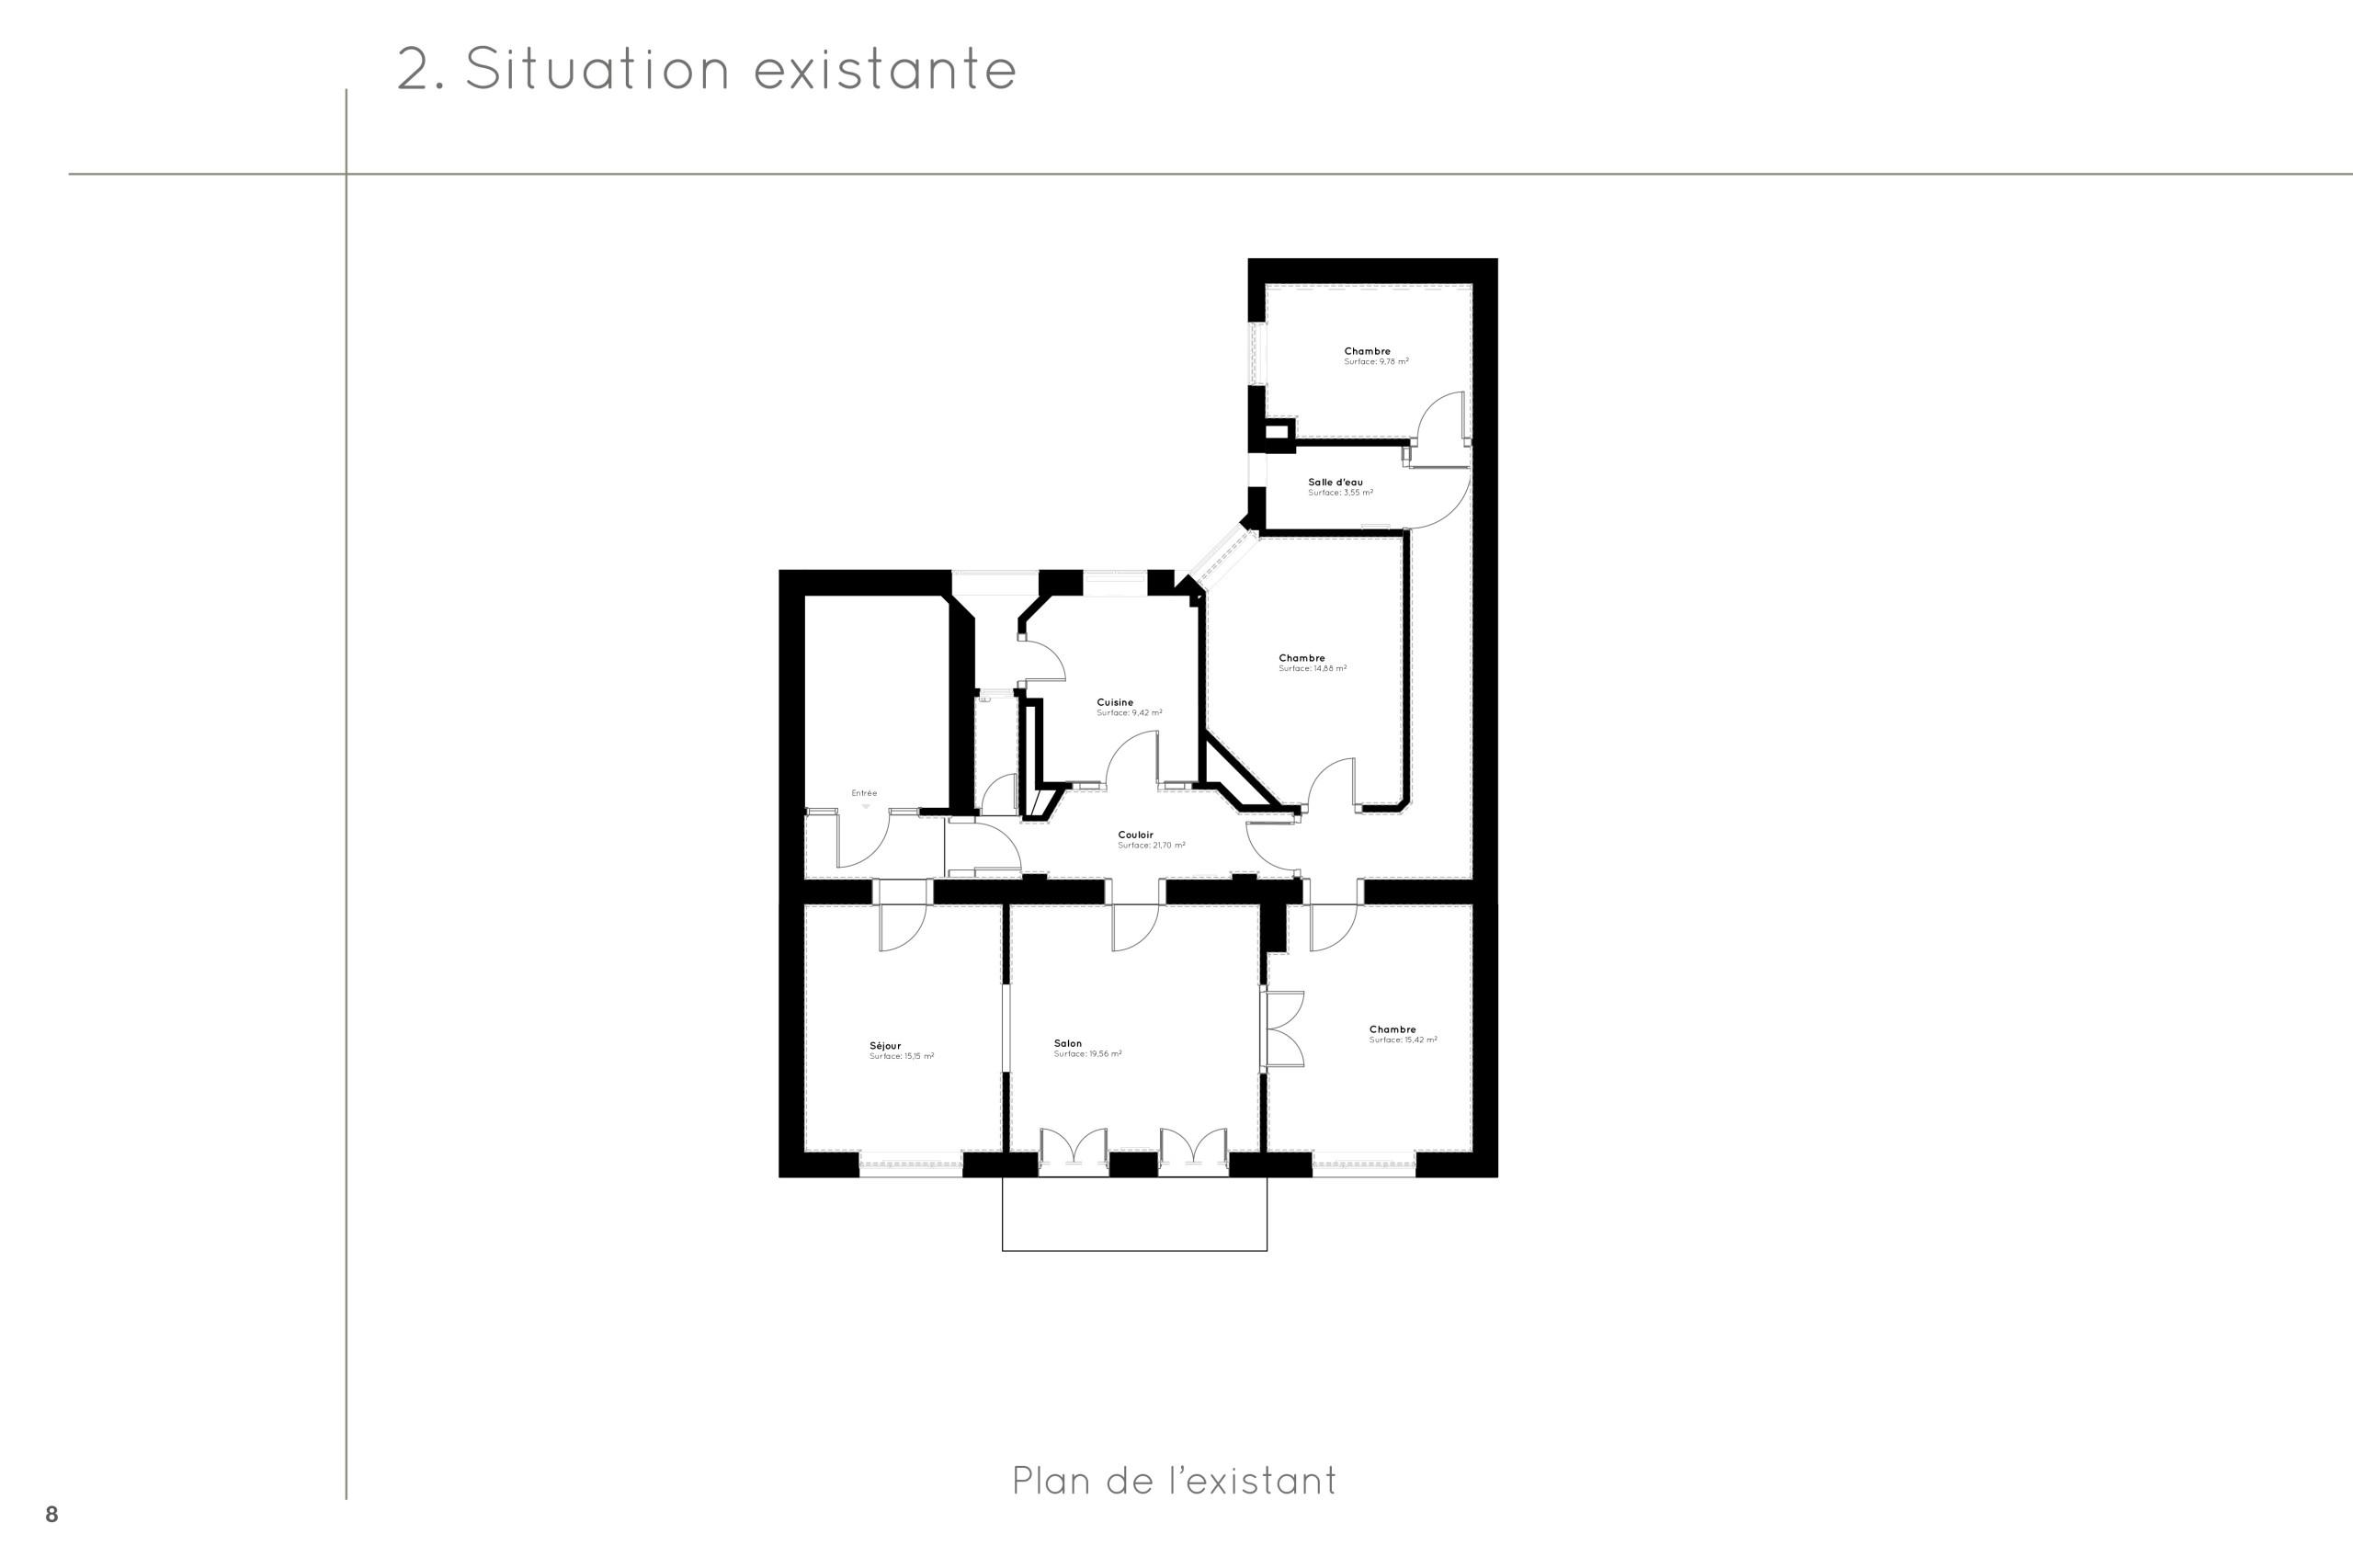 Appartement C - Plan de l'existant